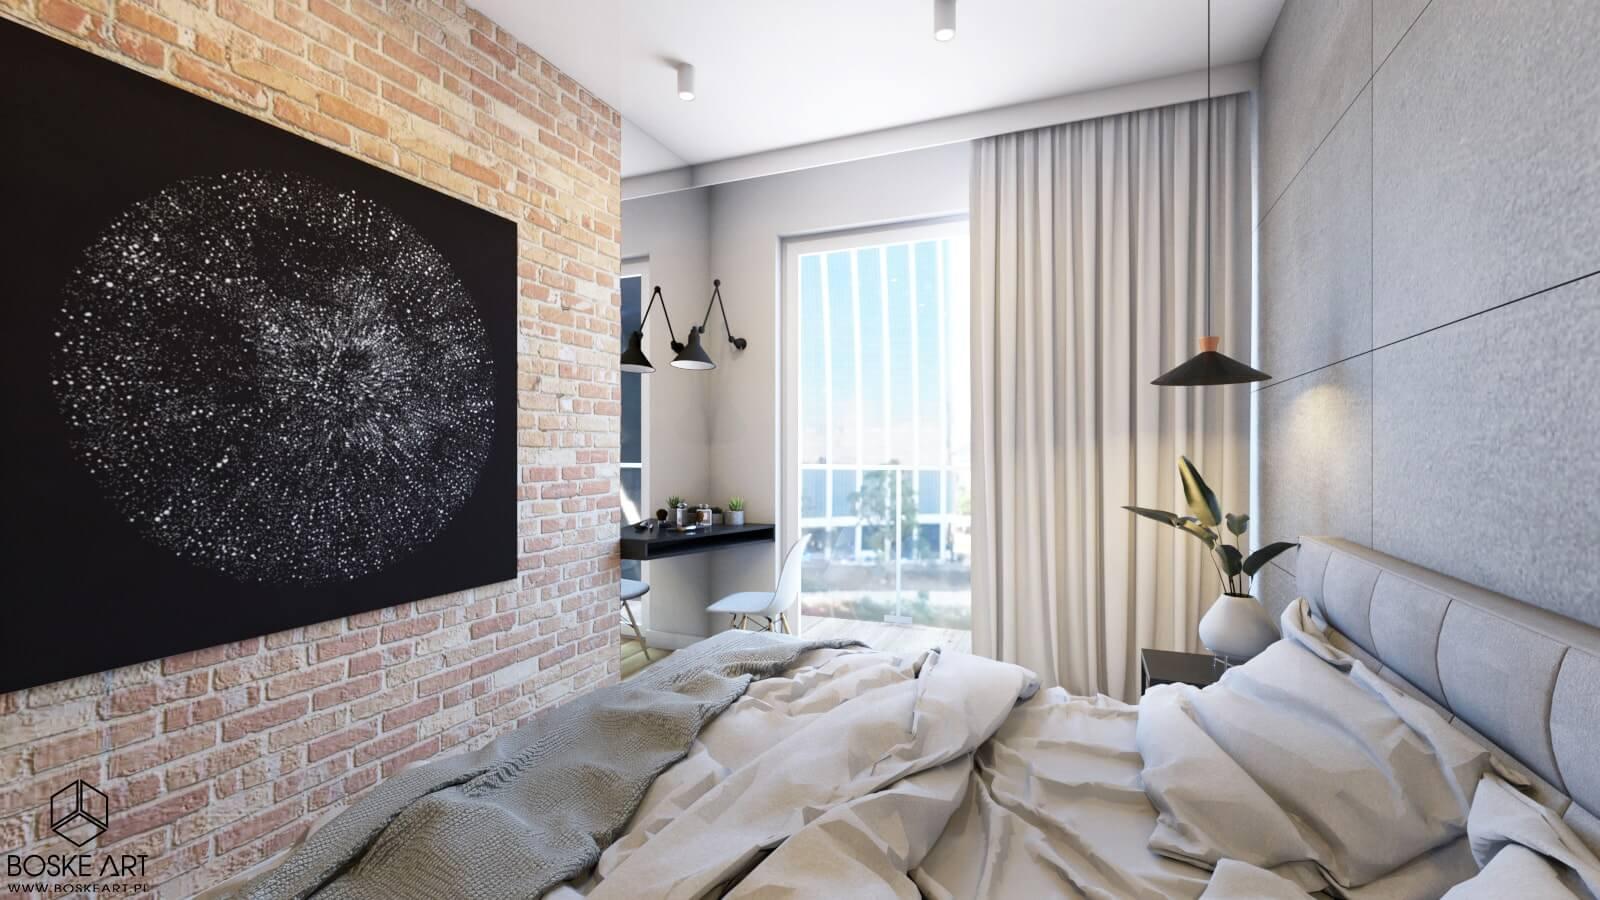 16_mieszkanie_poznan_boske_art_projektowanie_wnetrz_architektura_natalia_robaszkiewicz-min